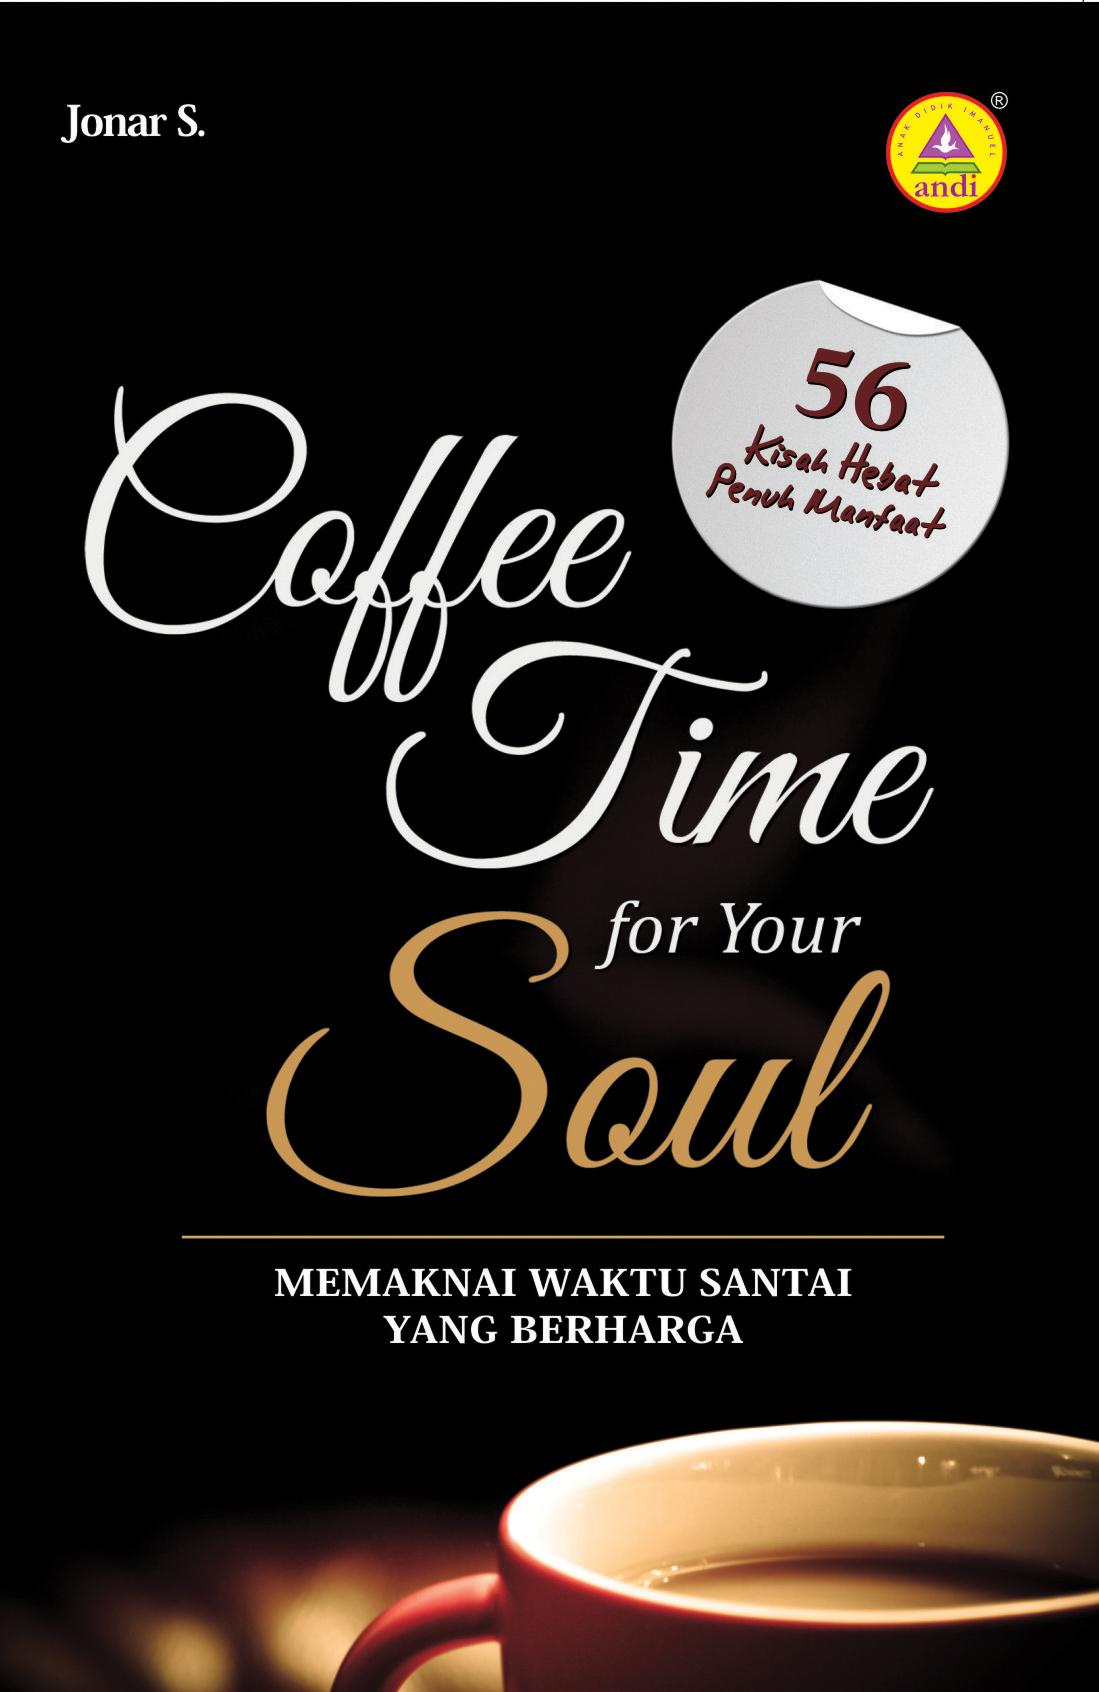 Coffee time for your soul, memaknai waktu santai yang berharga [sumber elektronis]